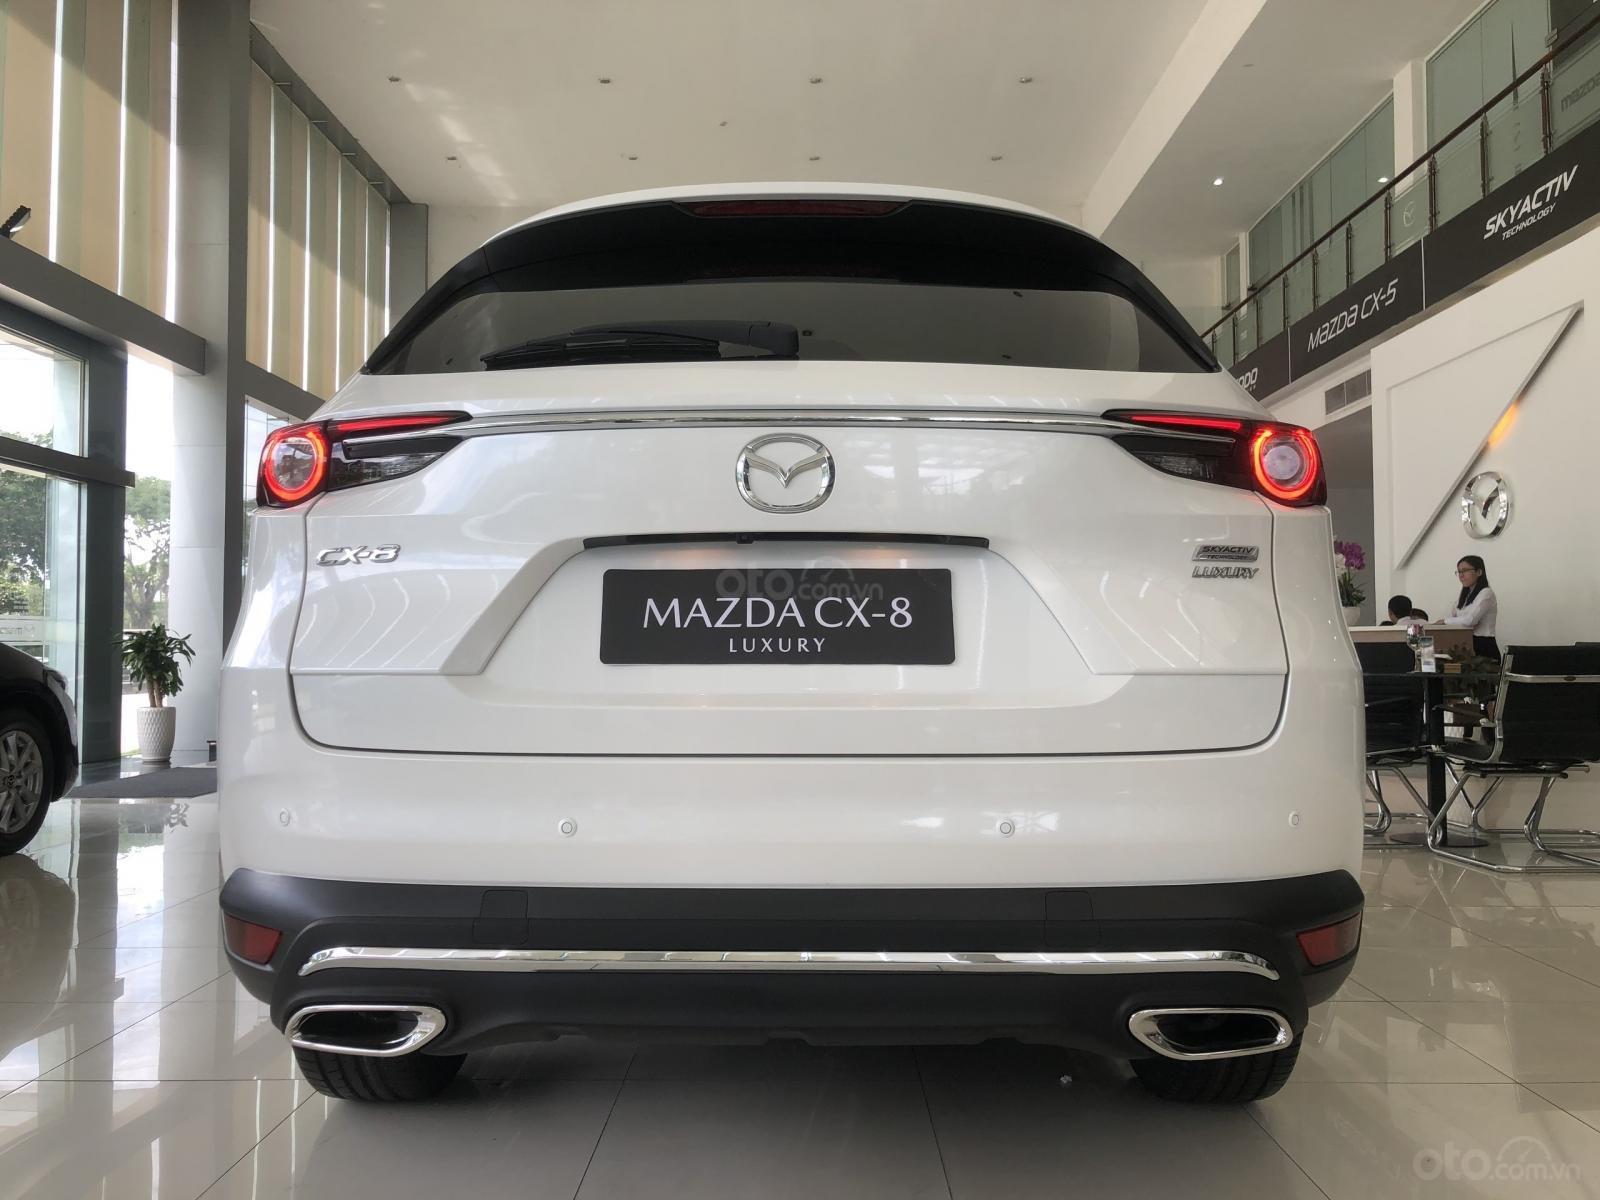 Mazda SUV 7 chỗ CX8 đủ màu, giảm giá + quà tặng, chỉ 314tr nhận xe ngay- Hỗ trợ mọi thủ tục và giao xe tận nhà (17)